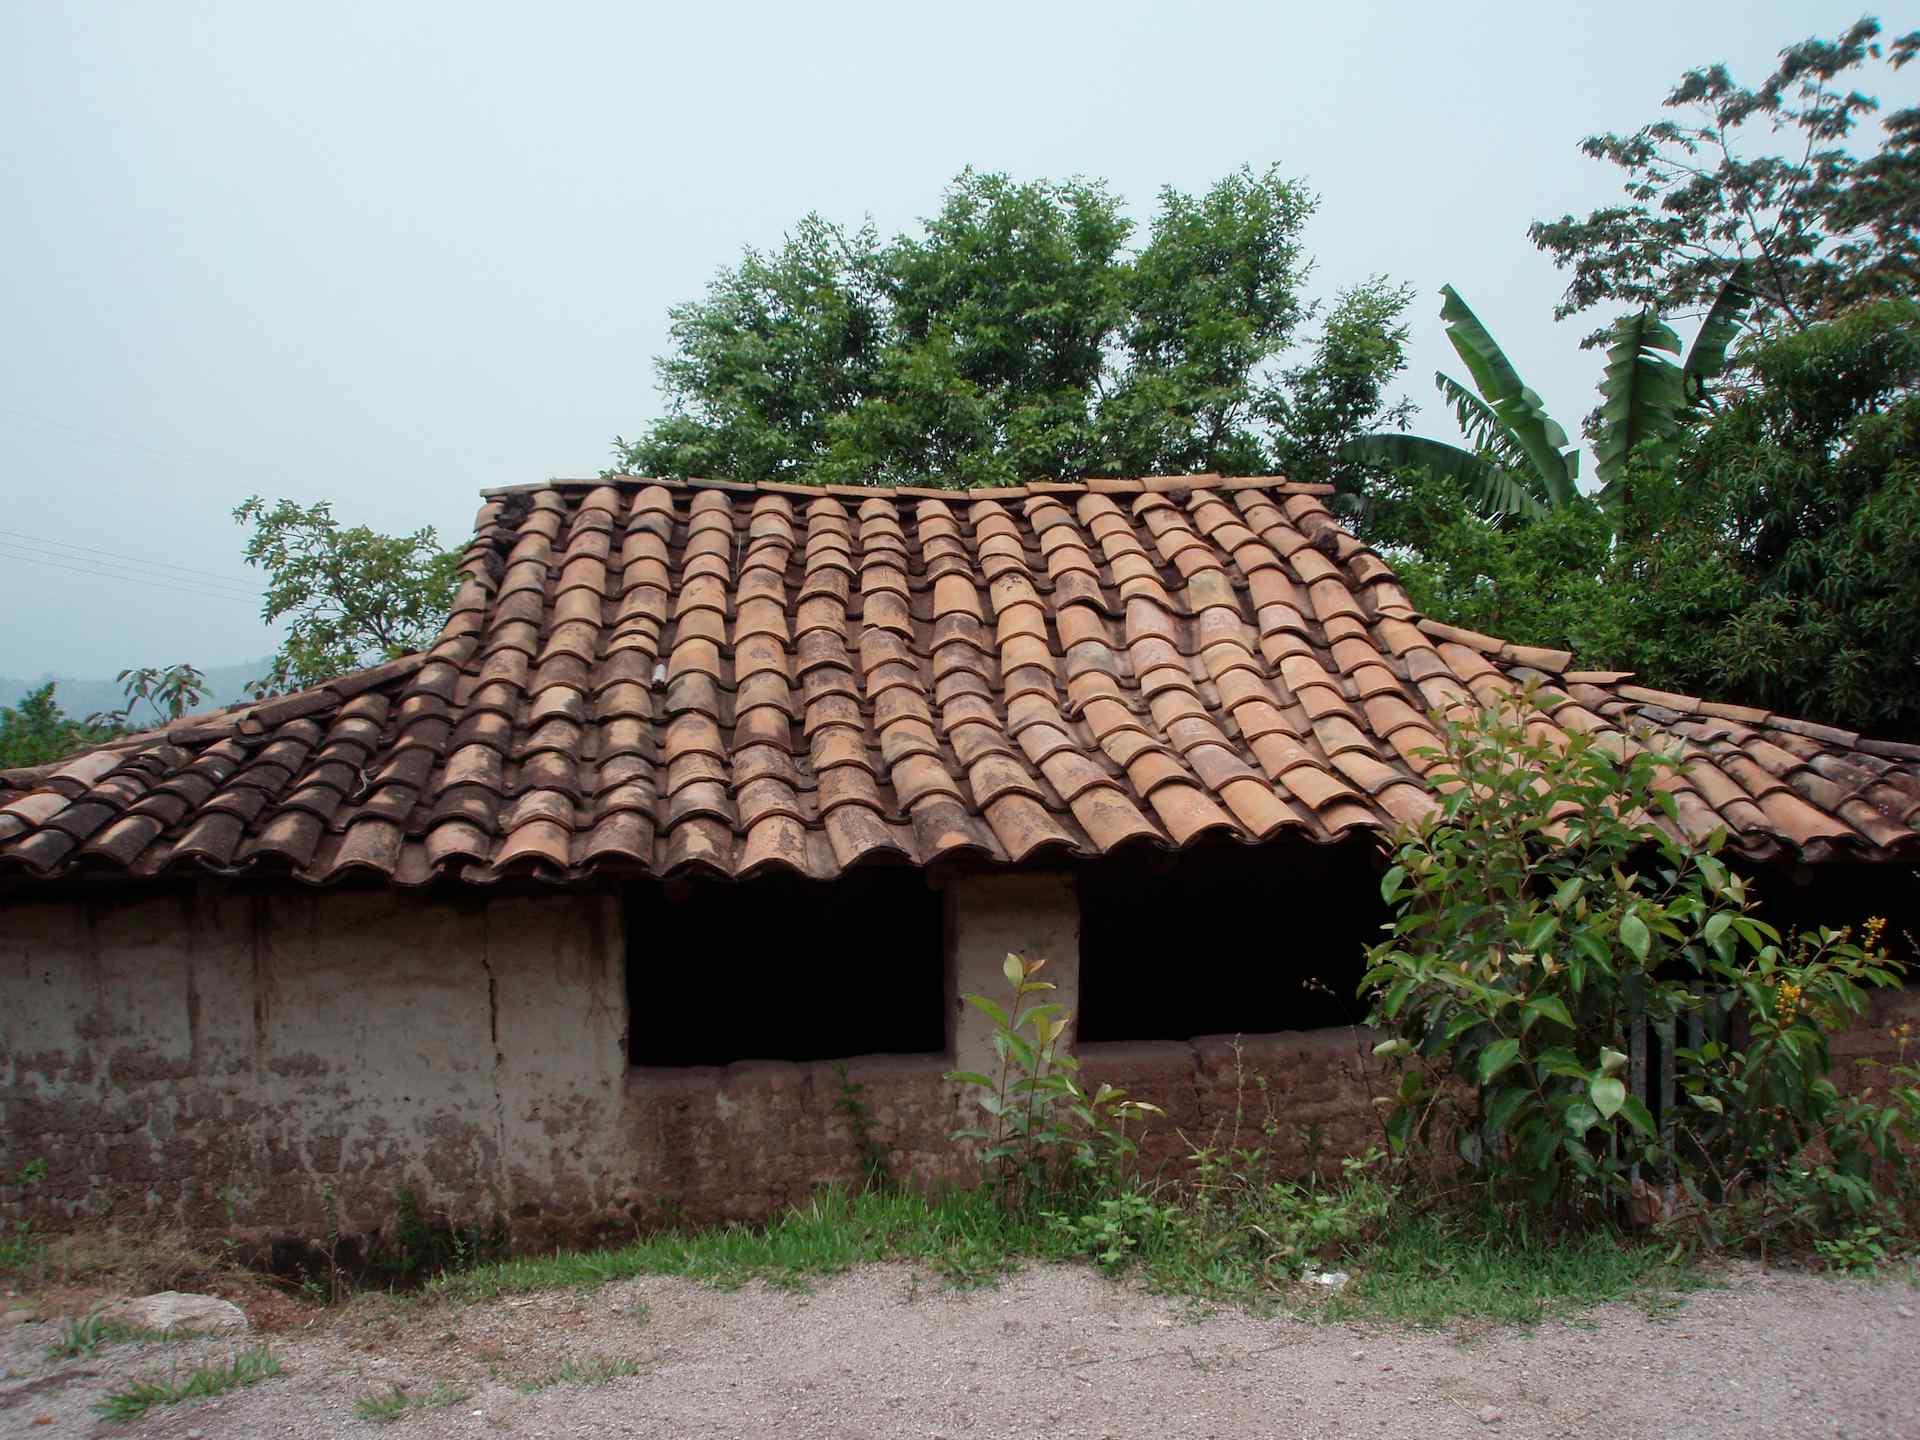 Casa con tejas house with tile roof lempira honduras - Casas con tejas ...